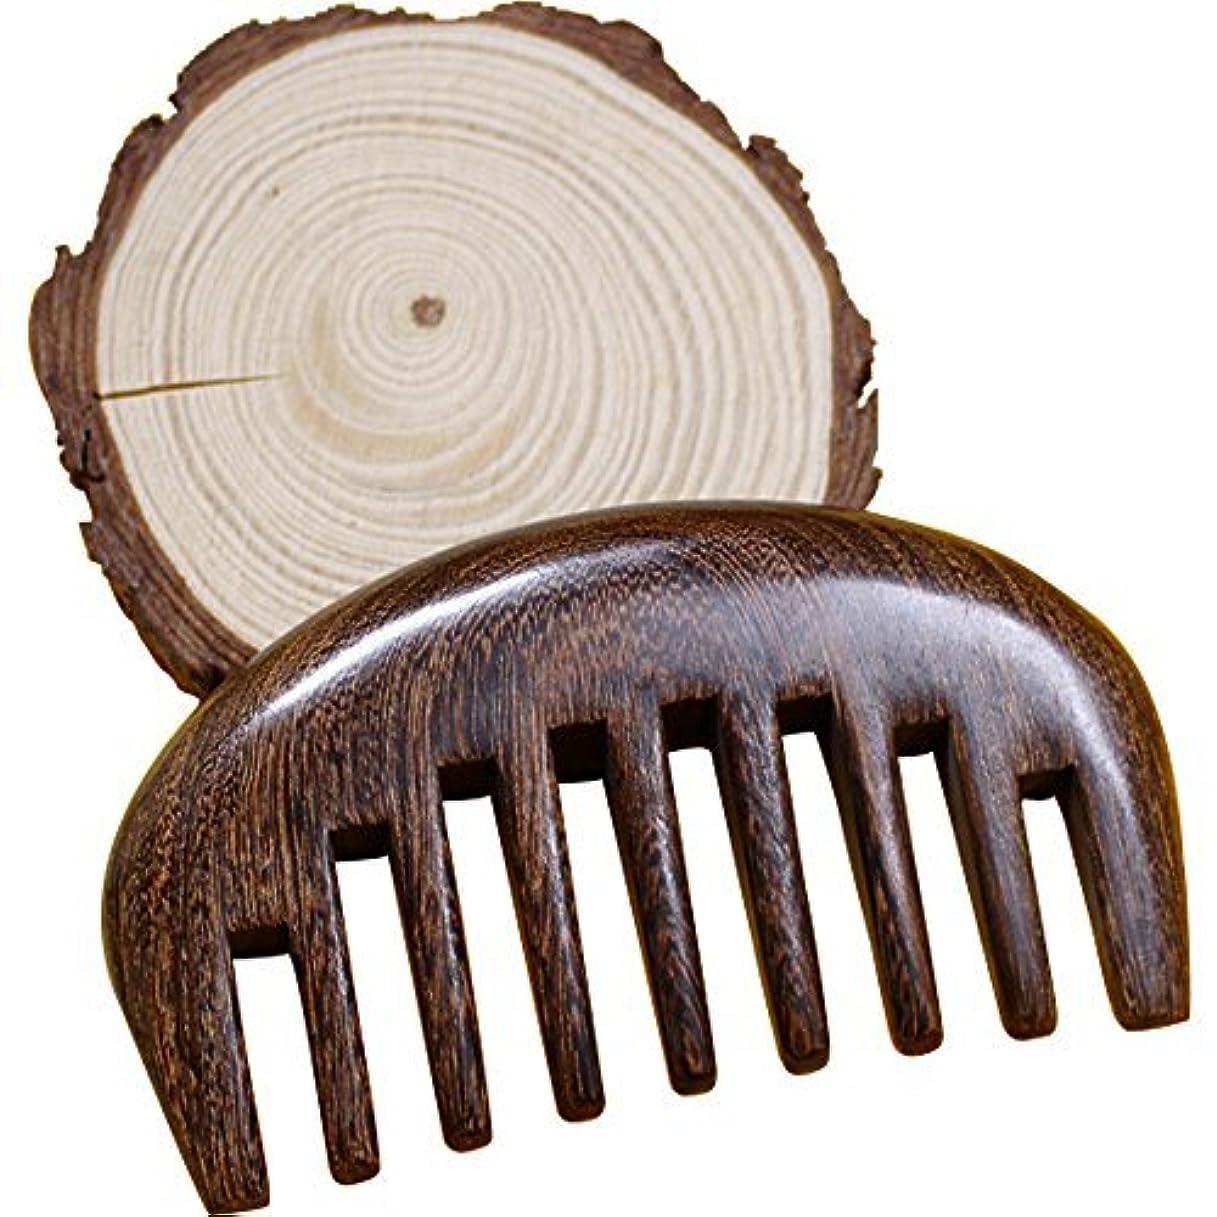 カウント季節クラスWood comb Wooden wide tooth hair comb detangler brush -Anti Static Sandalwood Scent handmad with gift package [並行輸入品]